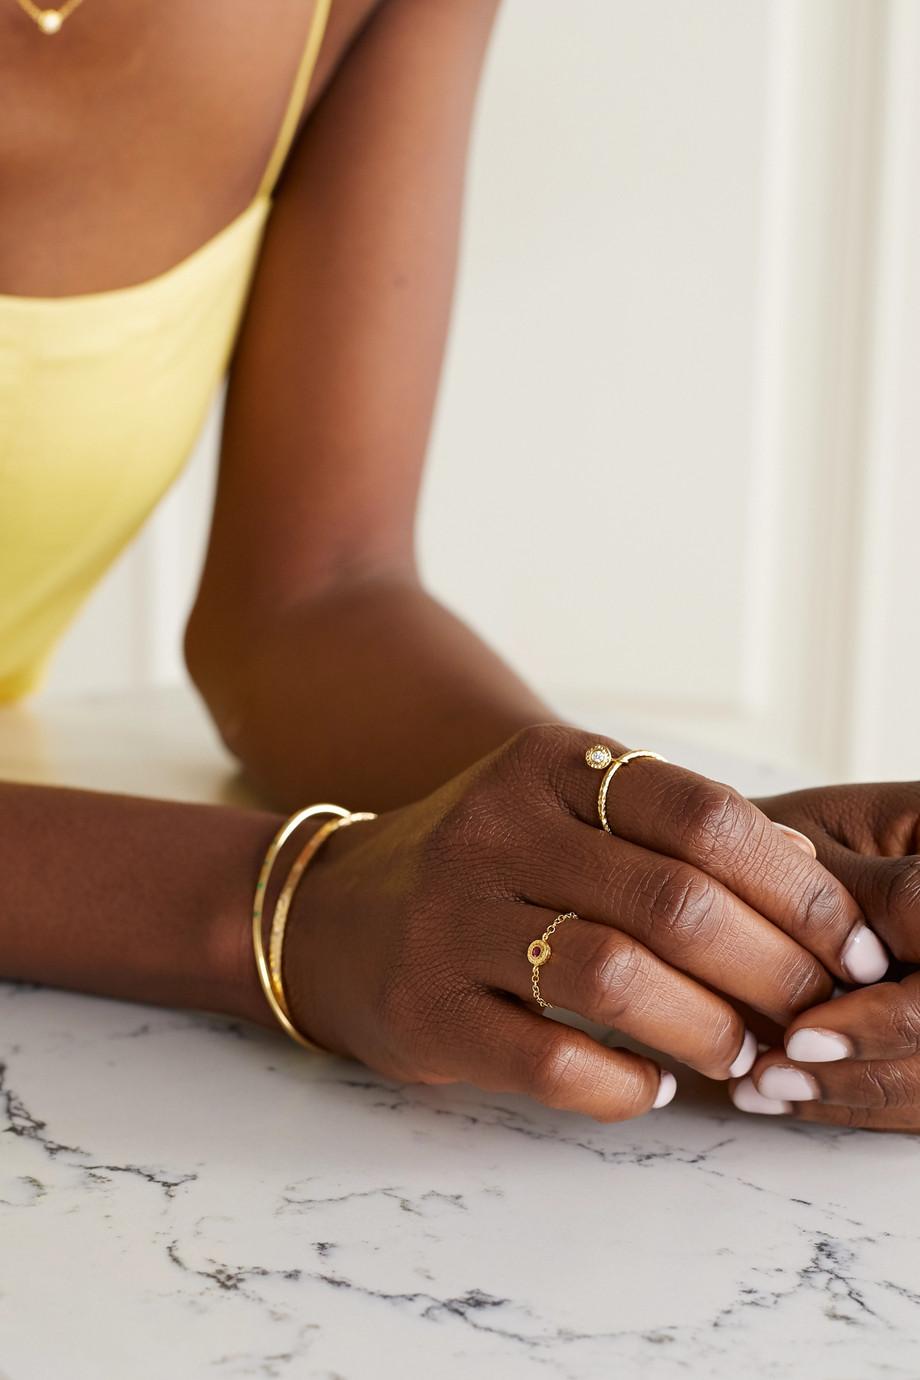 Octavia Elizabeth + NET SUSTAIN Nesting Gem 18-karat recycled gold ruby ring